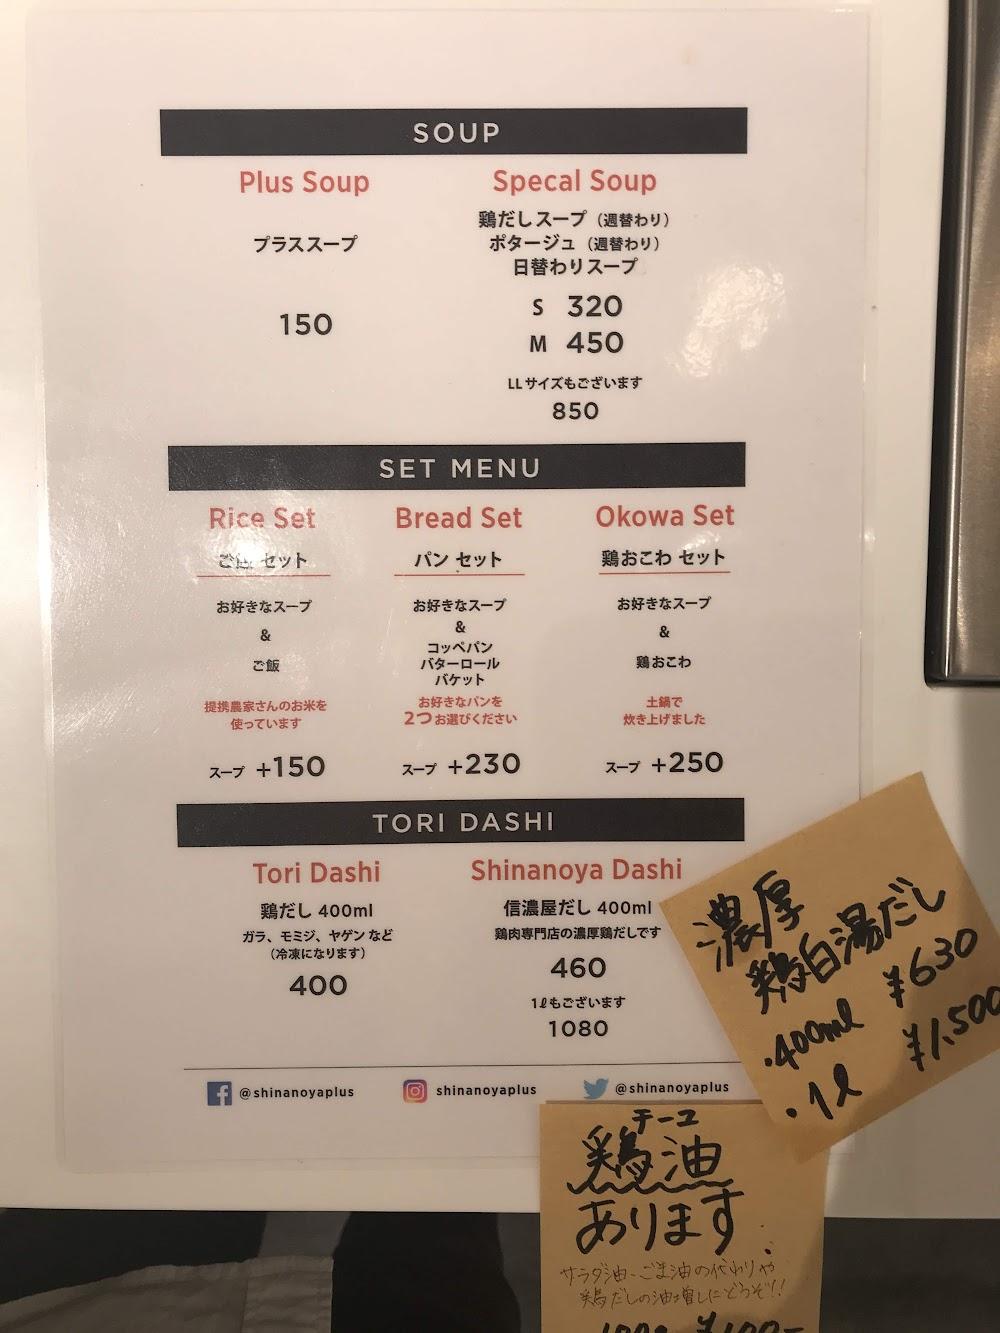 信濃屋+(プラス)のメニュー